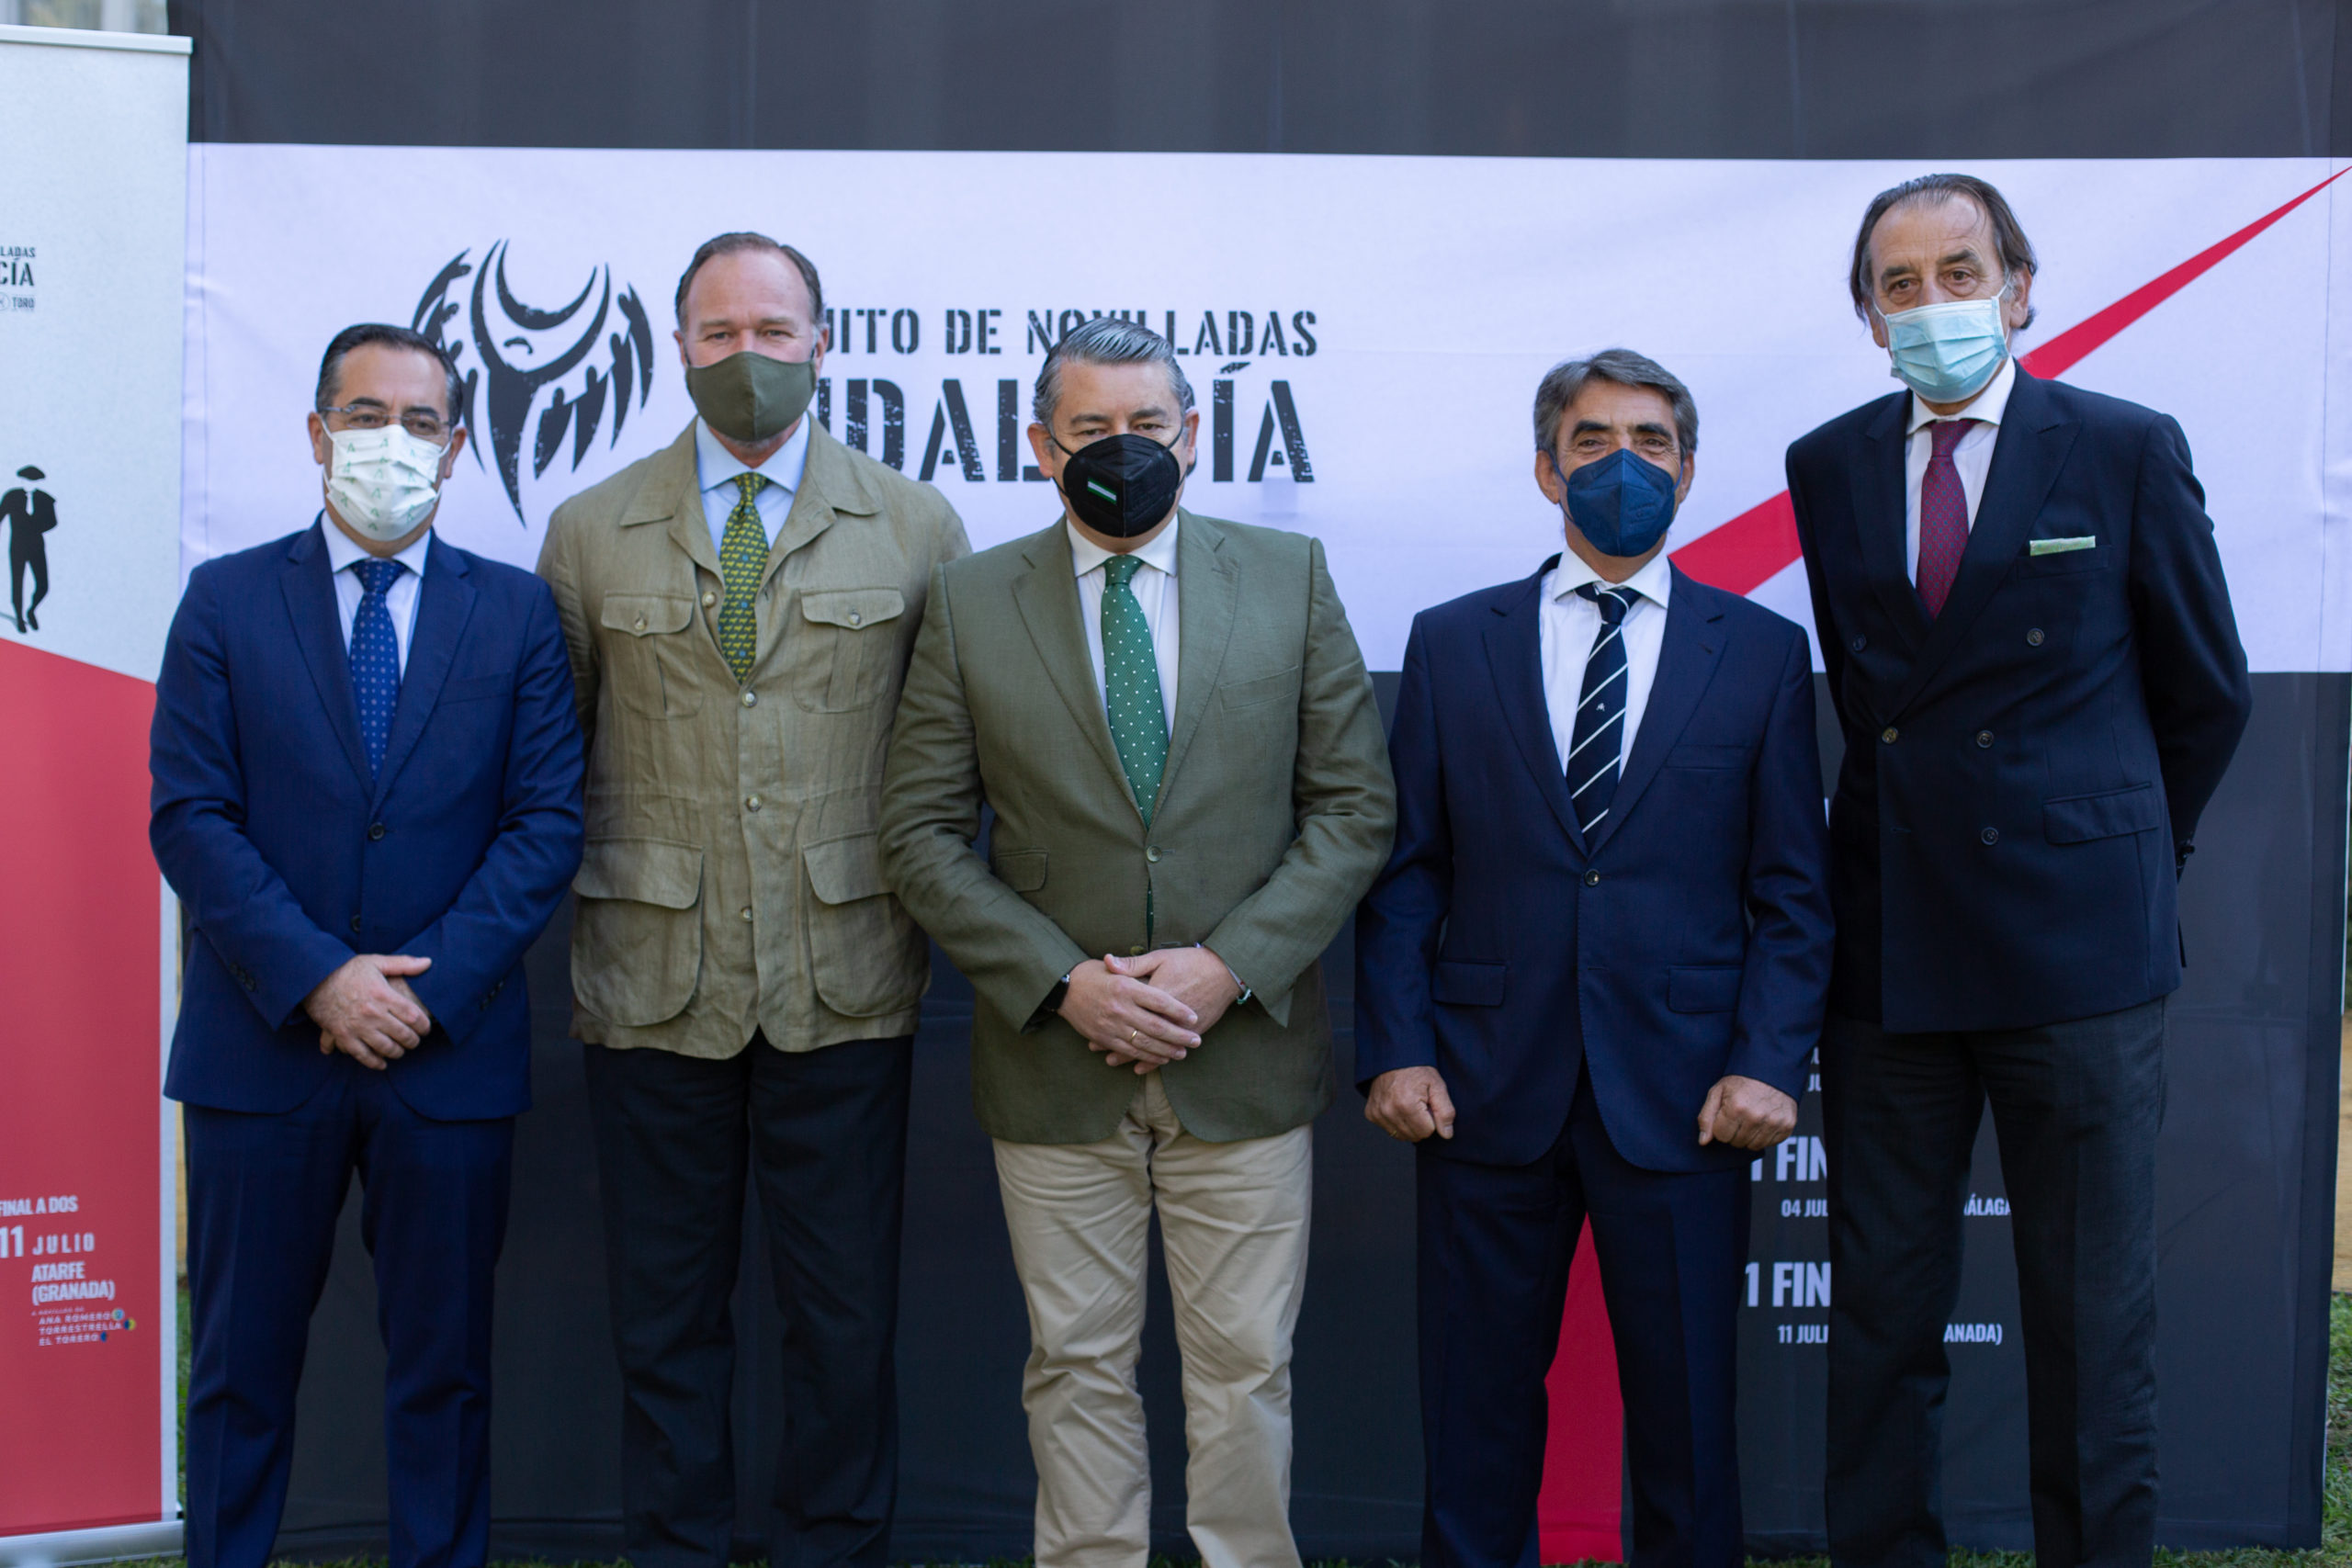 La Fundación Caja Rural del Sur renueva su apoyo al Circuito de Novilladas de Andalucía